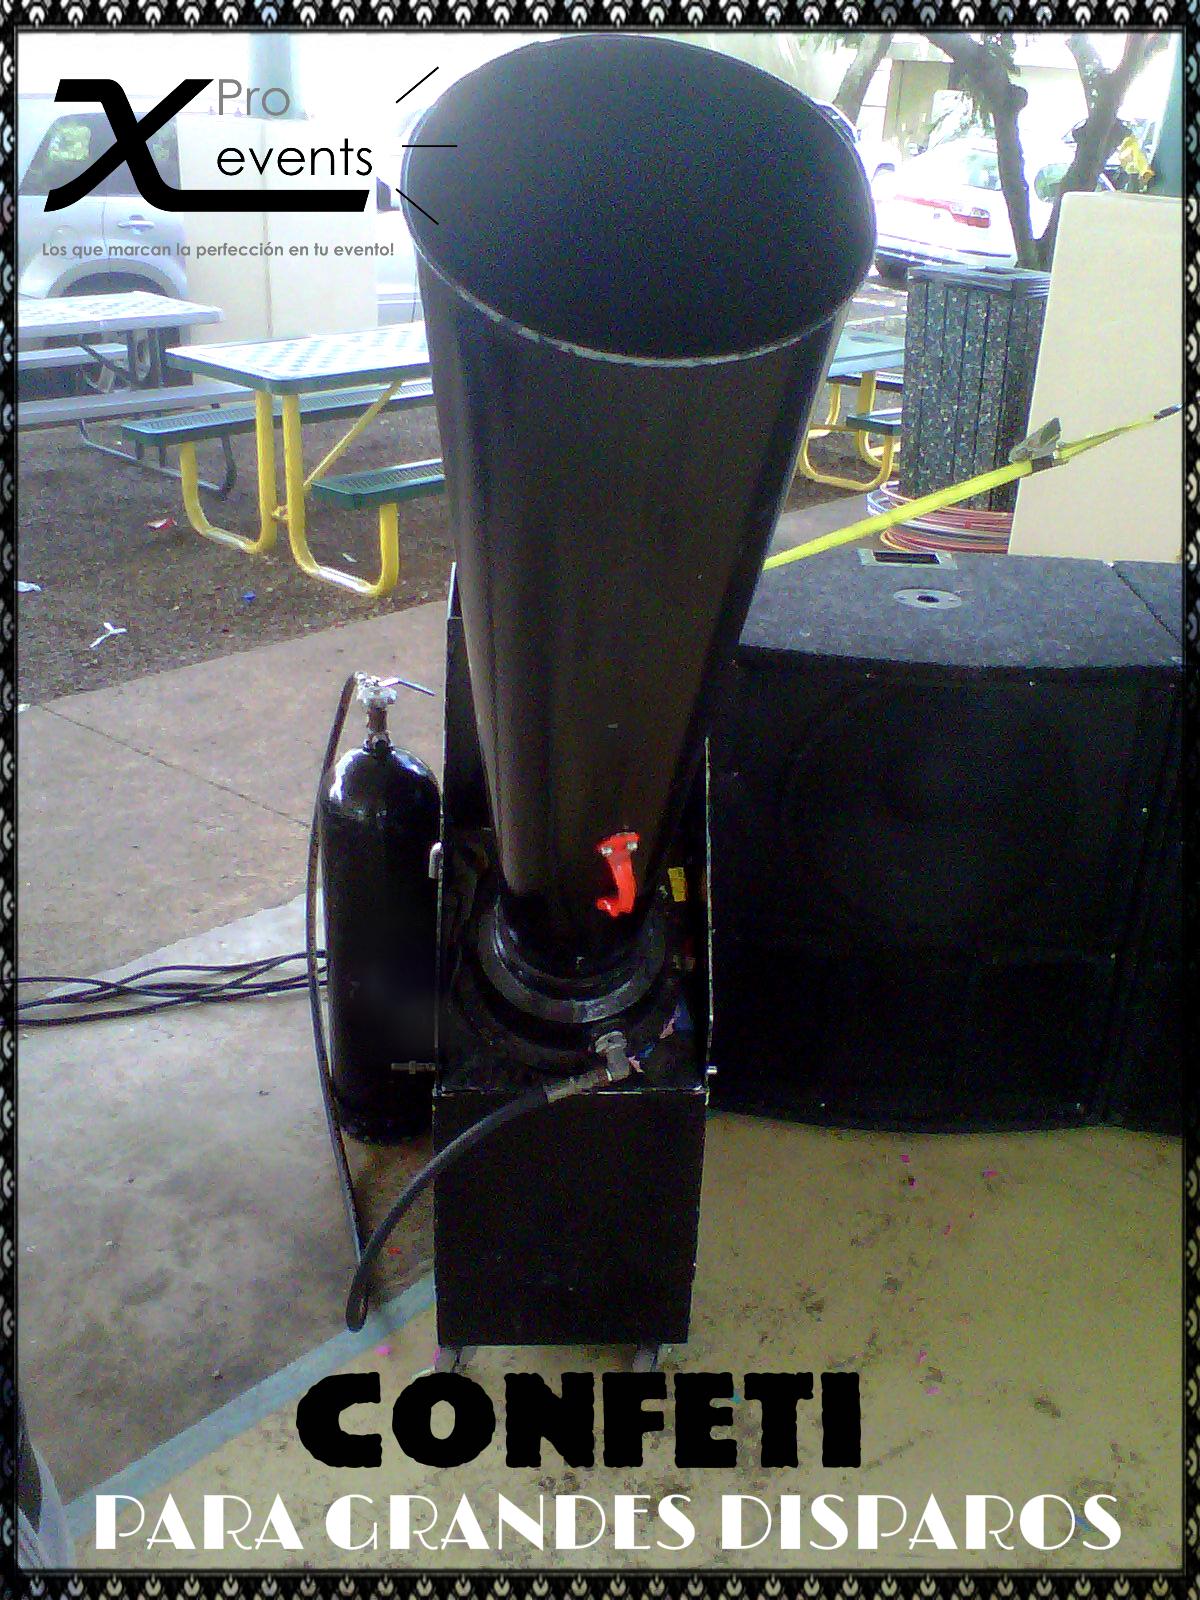 X Pro events  - 809-846-3784 - Maquinas de confeti gigantes.jpg